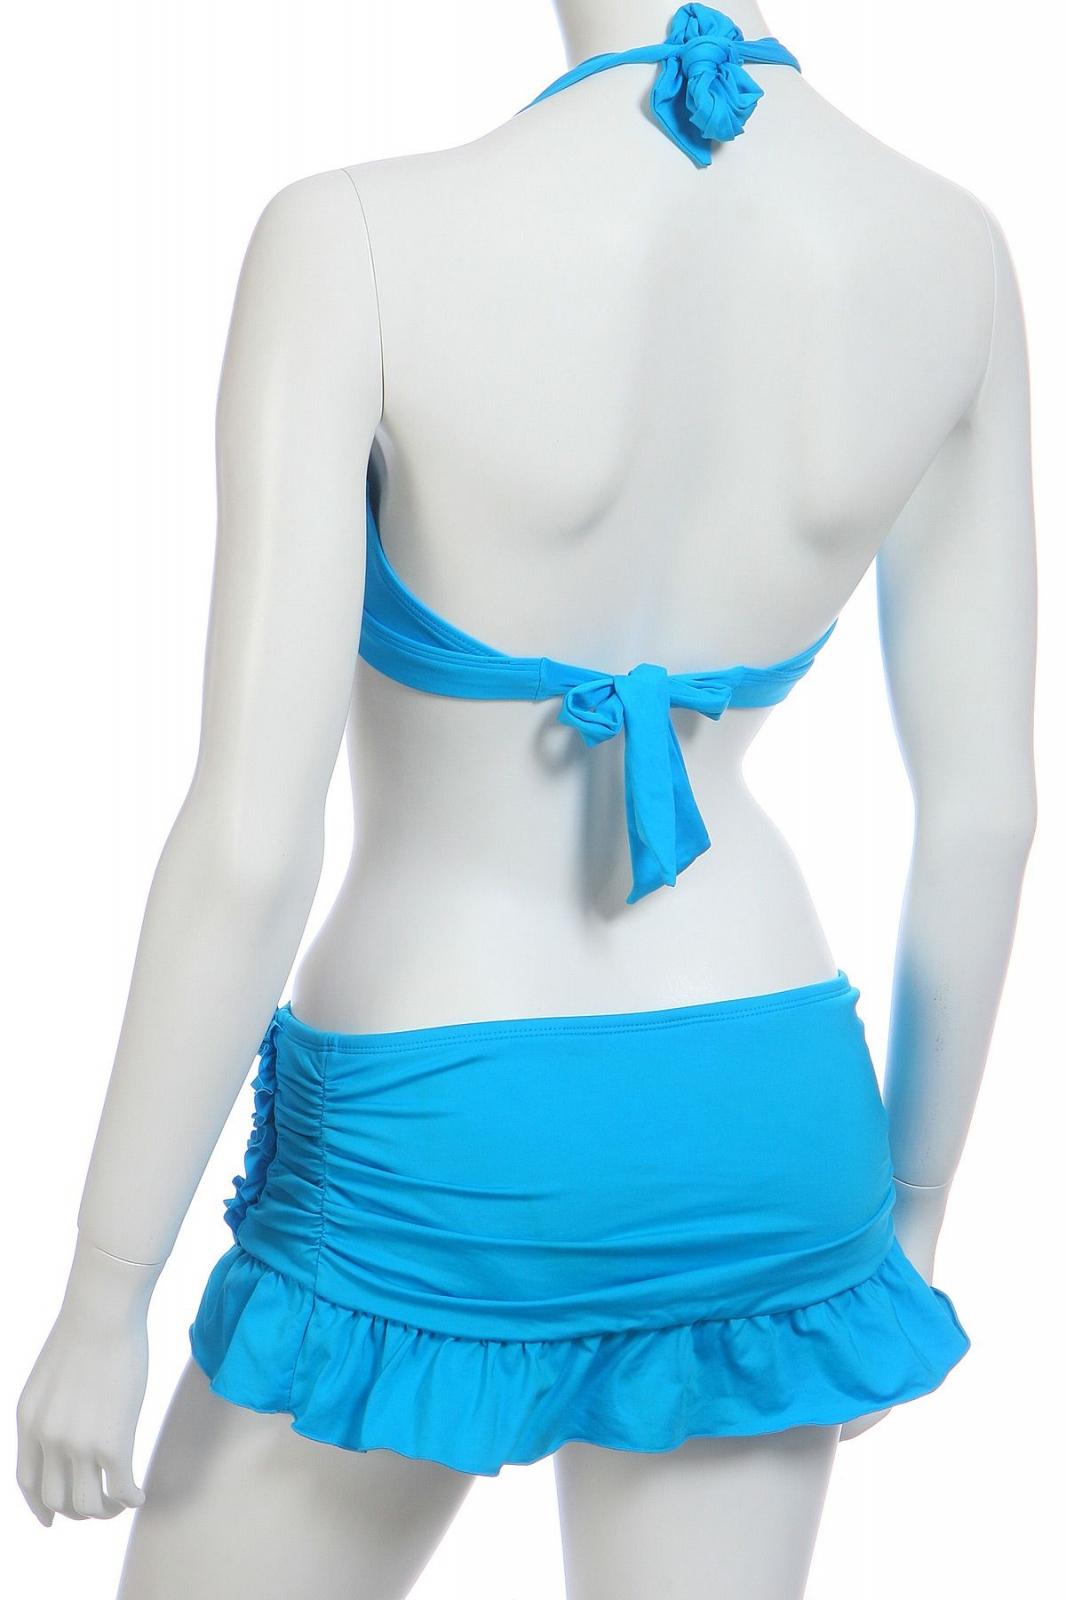 Голубой купальник с юбкой - вид сзади